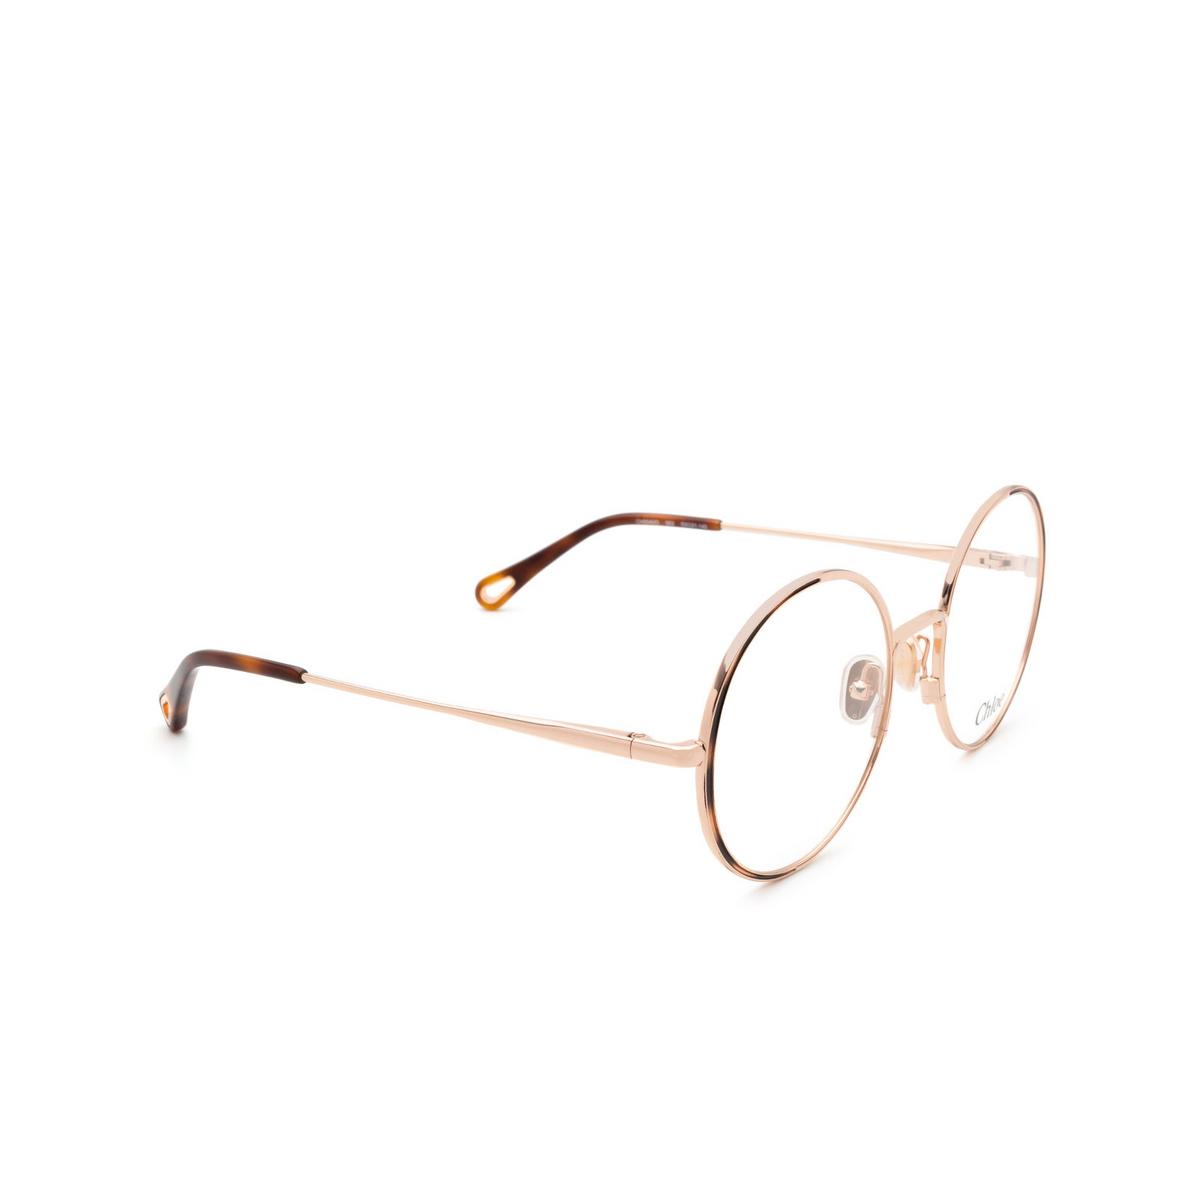 Chloé® Round Eyeglasses: CH0040O color Rose Gold & Havana 002 - three-quarters view.